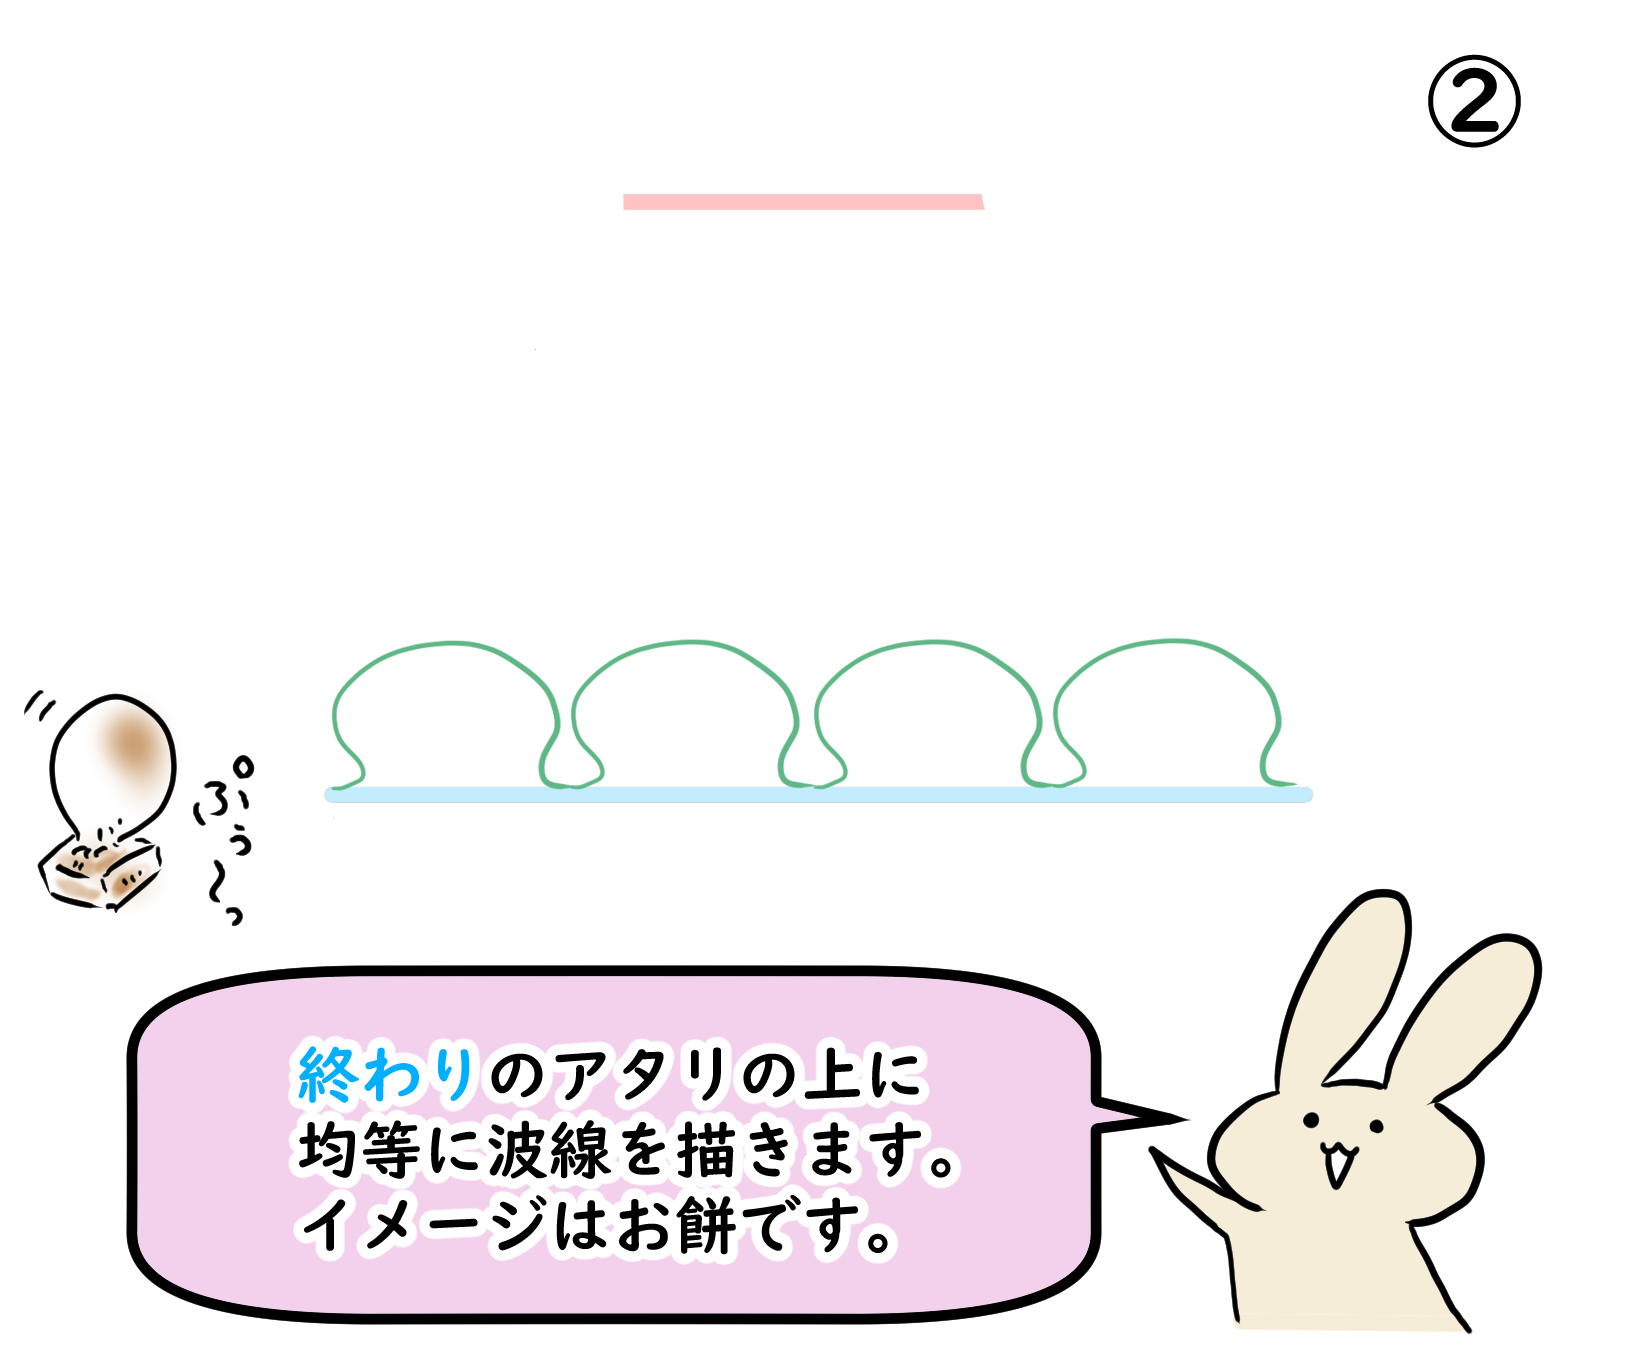 フリルの描き方 初級編③-2